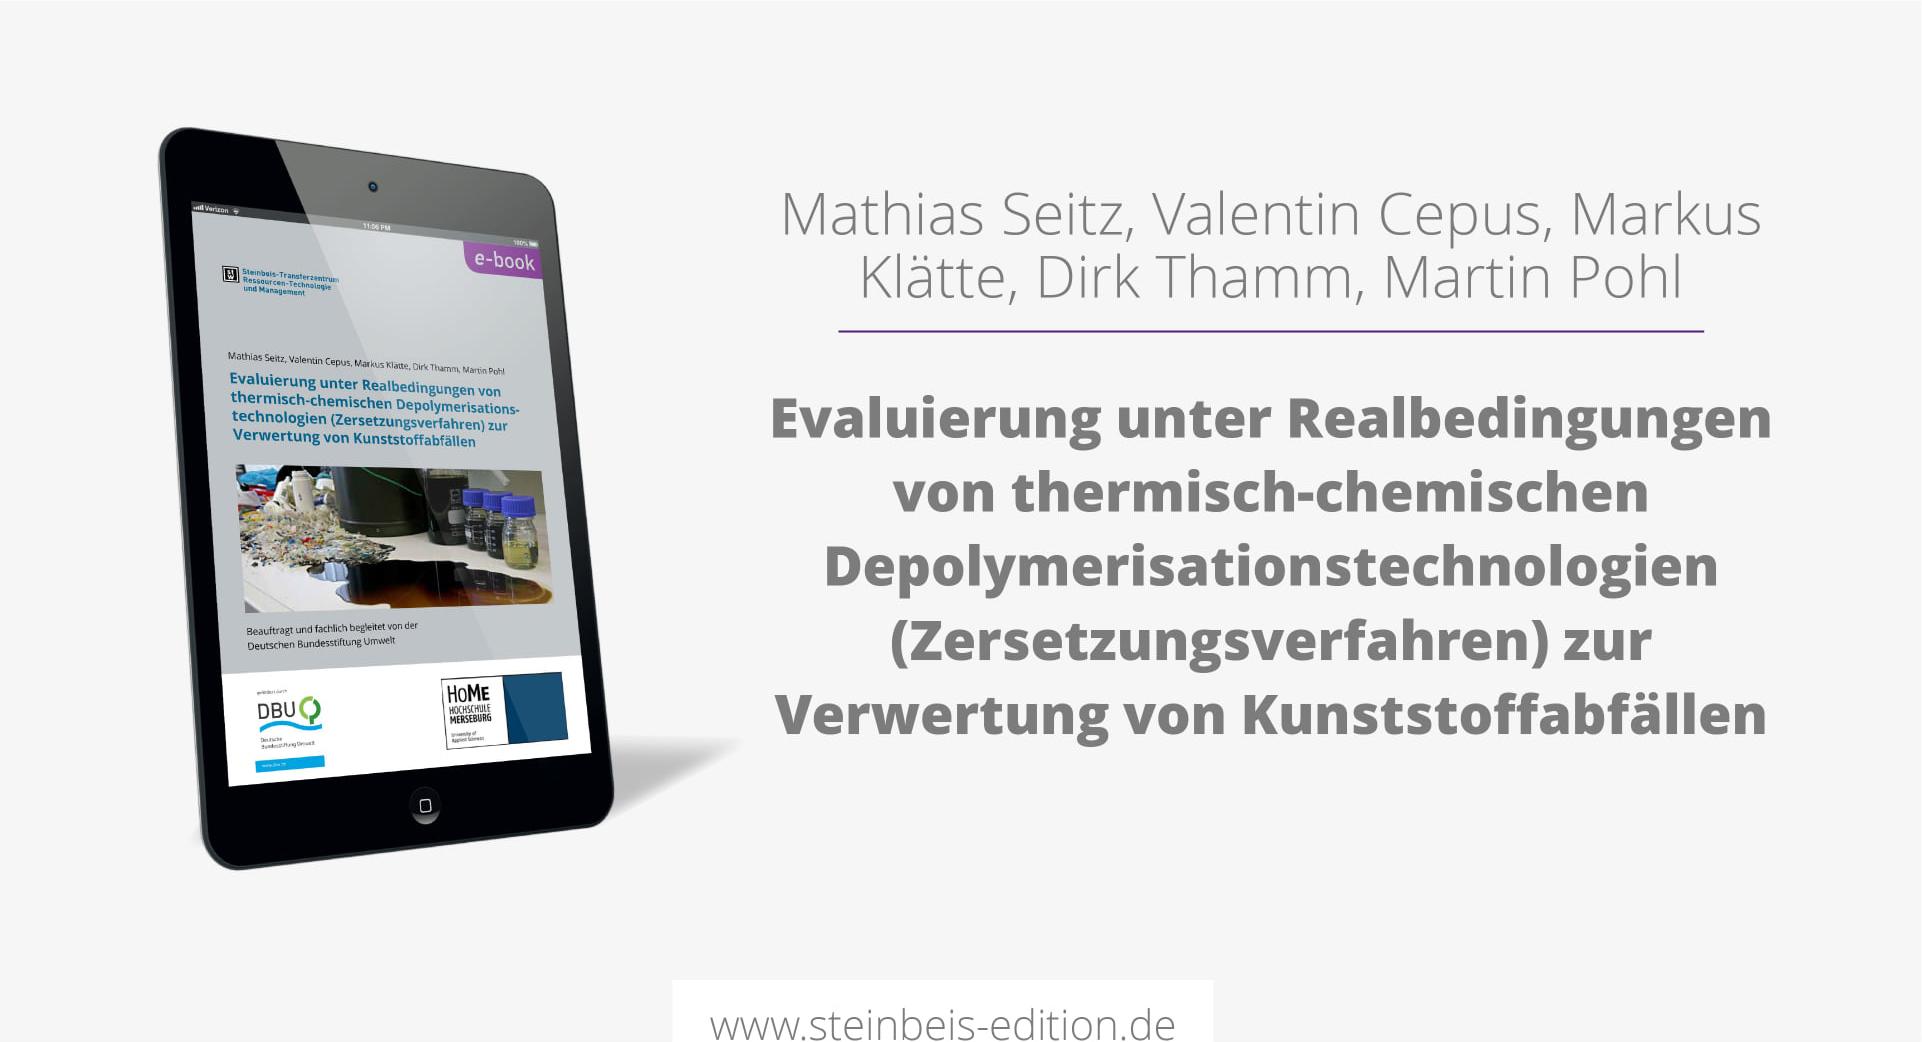 Evaluierung unter Realbedingungen von thermisch-chemischen Depolymerisationstechnologien (Zersetzungsverfahren) zur Verwertung von Kunststoffabfällen